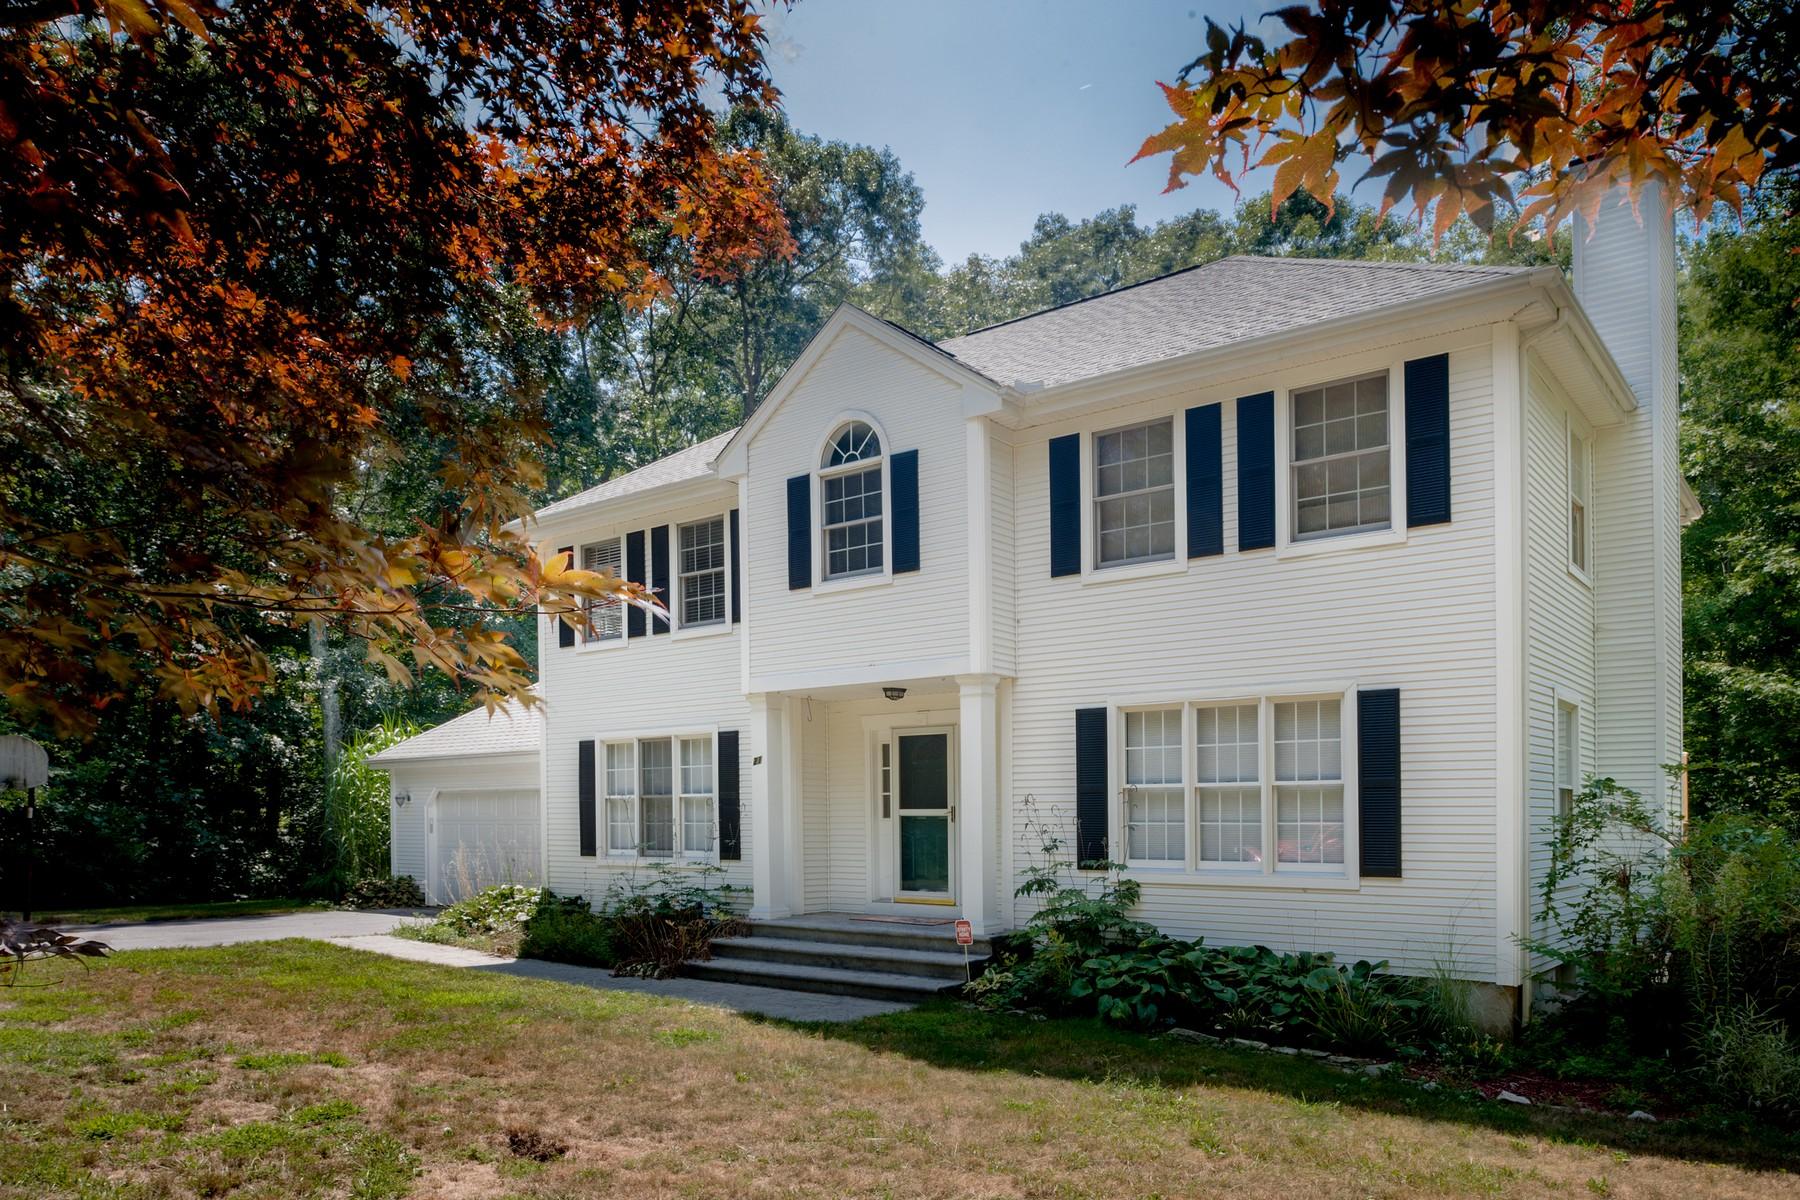 Einfamilienhaus für Verkauf beim Highly Desired Neighborhood 21 Payer Lane Groton, Connecticut 06355 Vereinigte Staaten